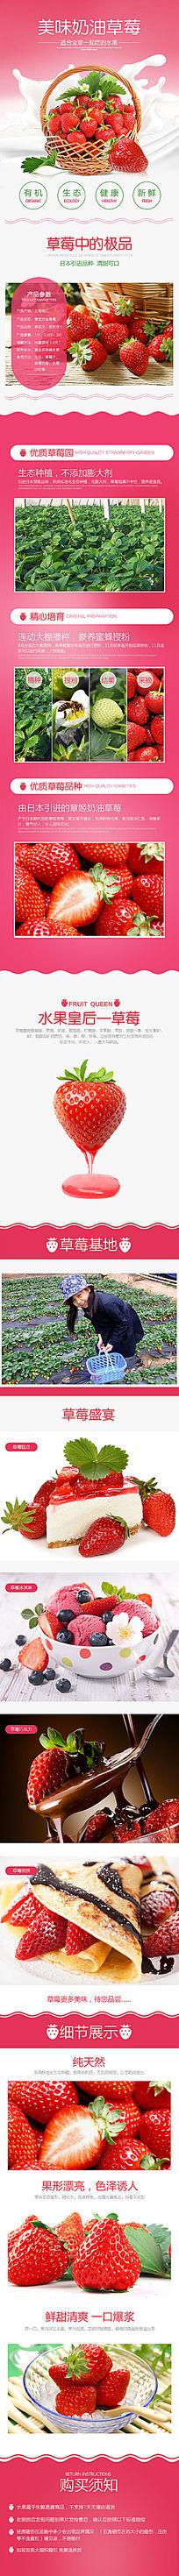 淘宝天猫草莓详情页设计